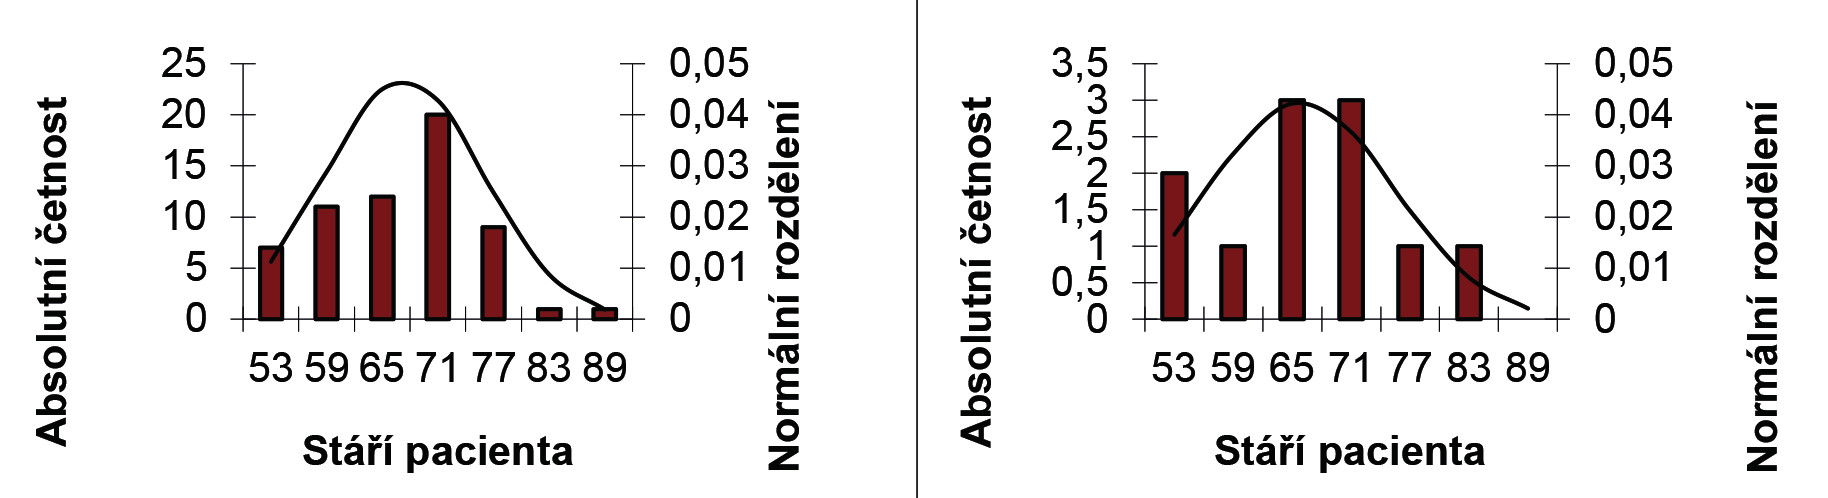 Histogram a Gaussova křivka výskytu onemocnění pacientů a) s benigním nádorem a b) s maligním nádorem podle nálezu předoperační histologie Graph 1: Histogram and Gaussian curve of incidence of patients with a) benign tumours and b) malignant tumours according to preoperative histological examination